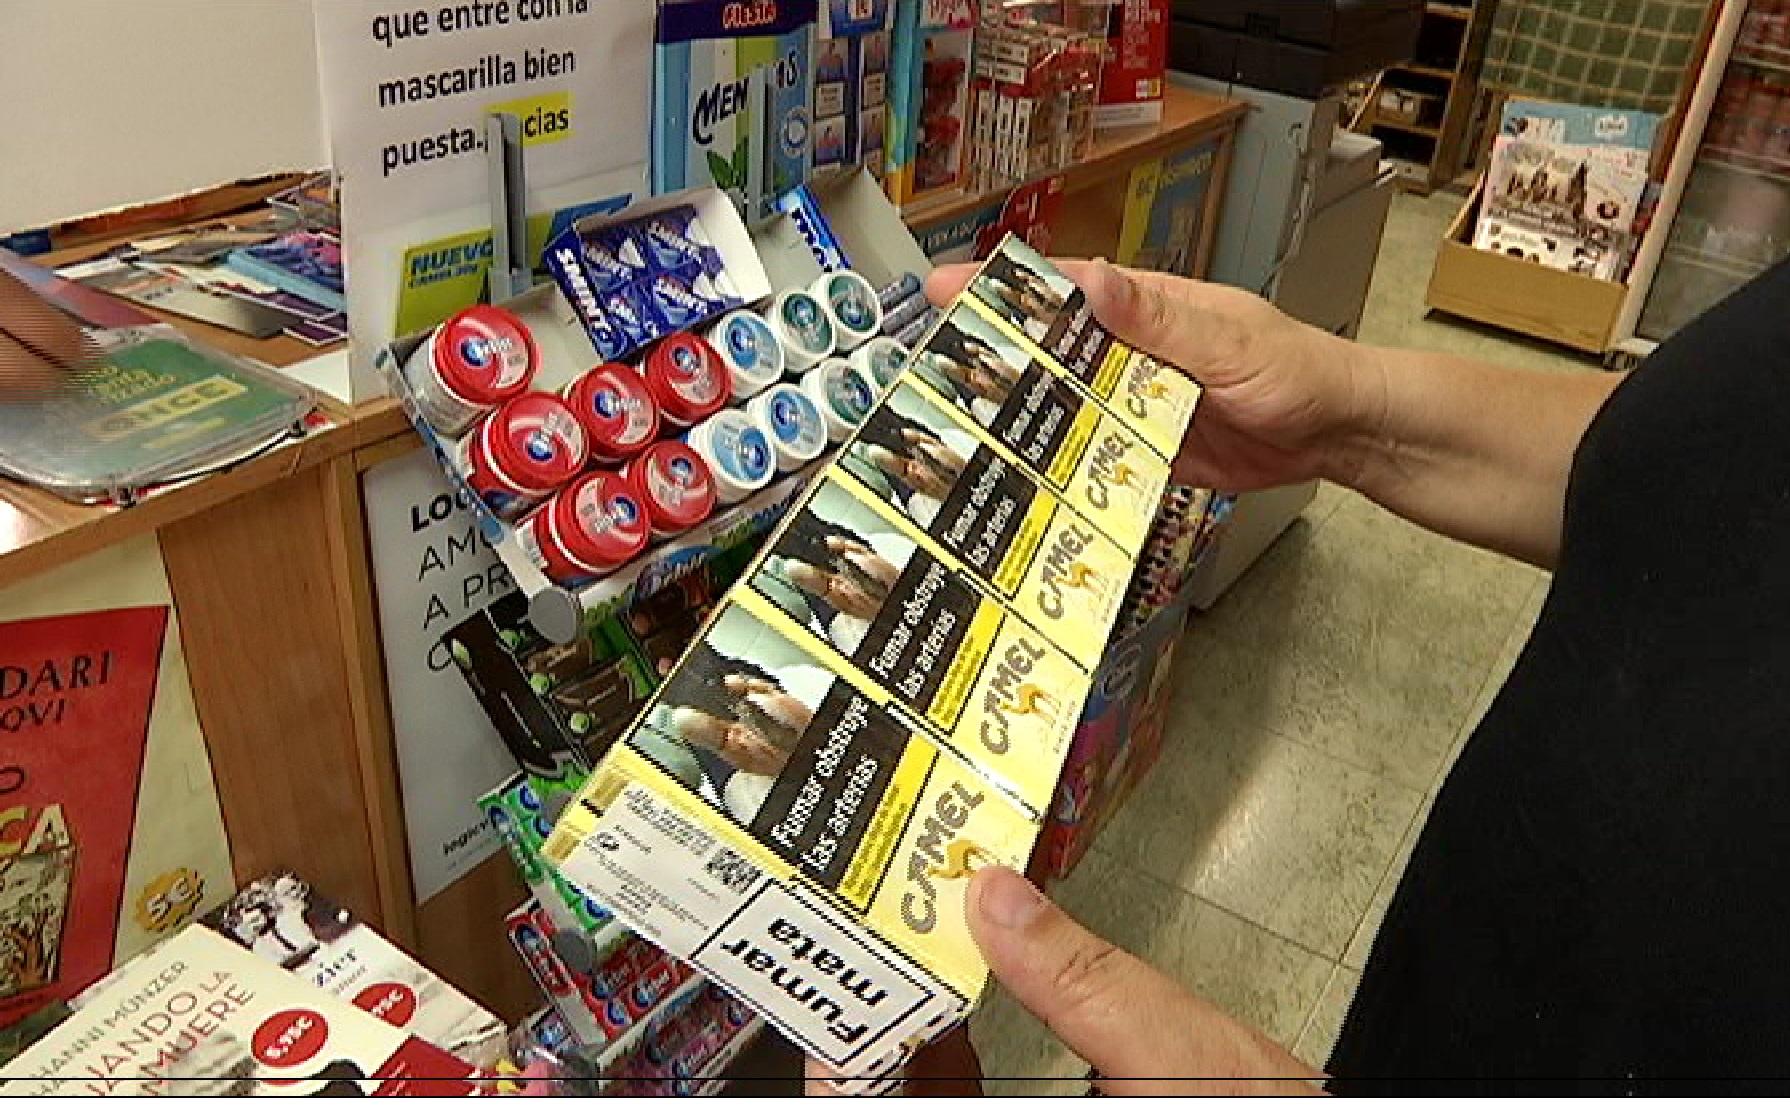 Bars+i+caf%C3%A8s+s%27adapten+a+les+noves+mesures+per+a+fumadors%2C+i+els+estancs+esperen+una+caiguda+en+les+vendes